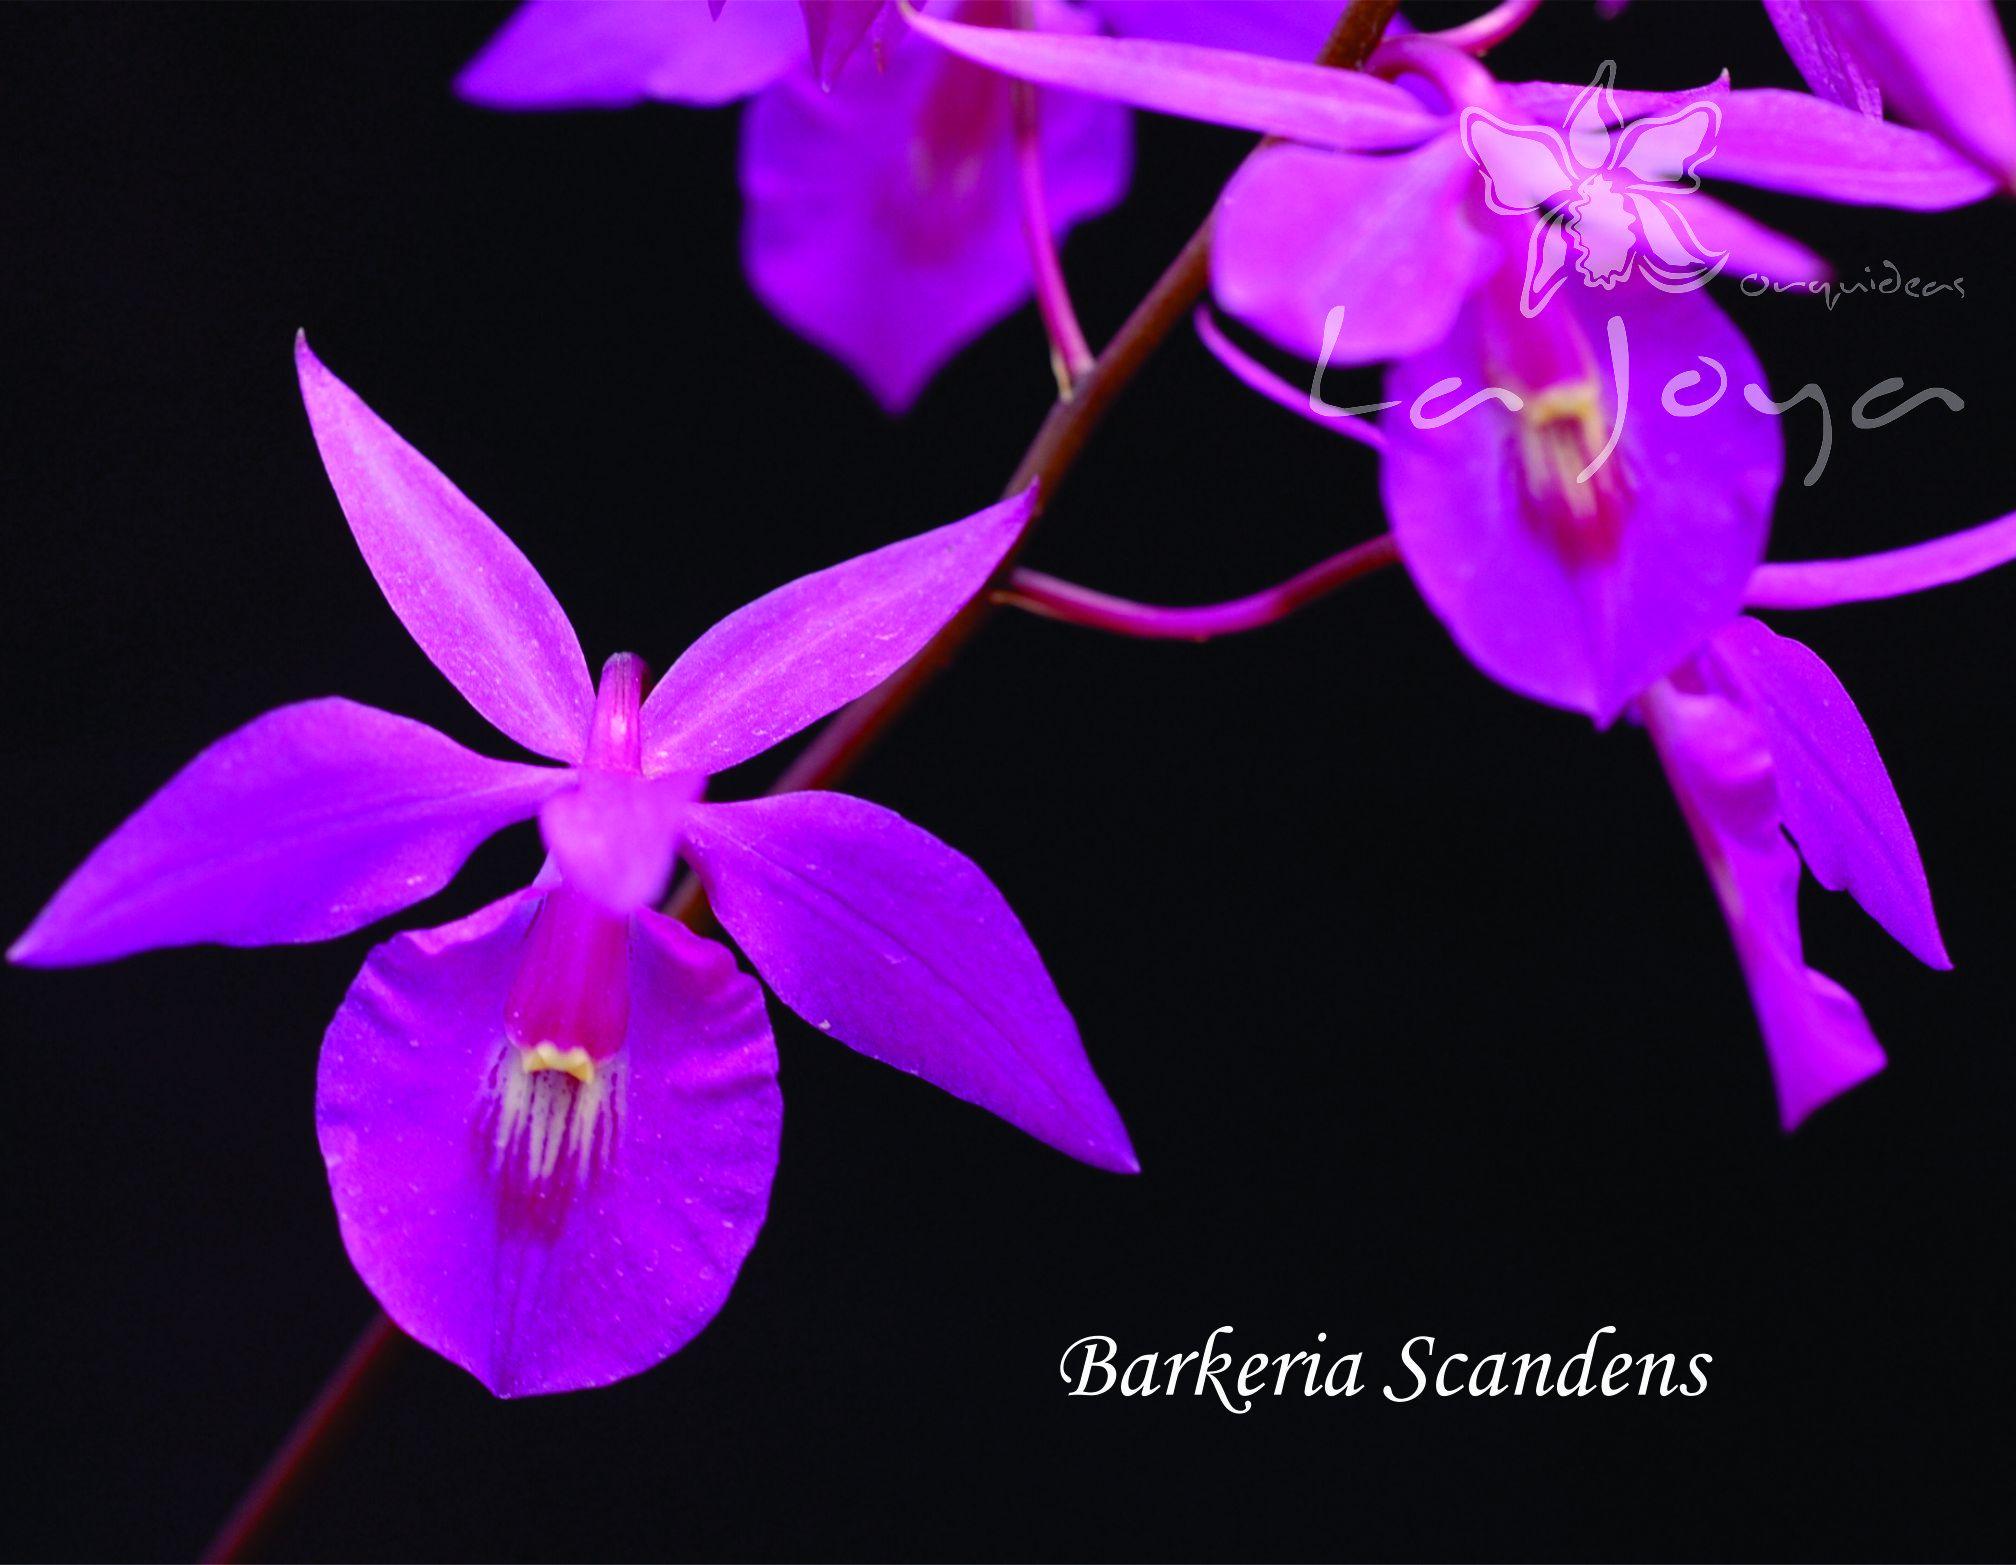 Barkeria Scandens